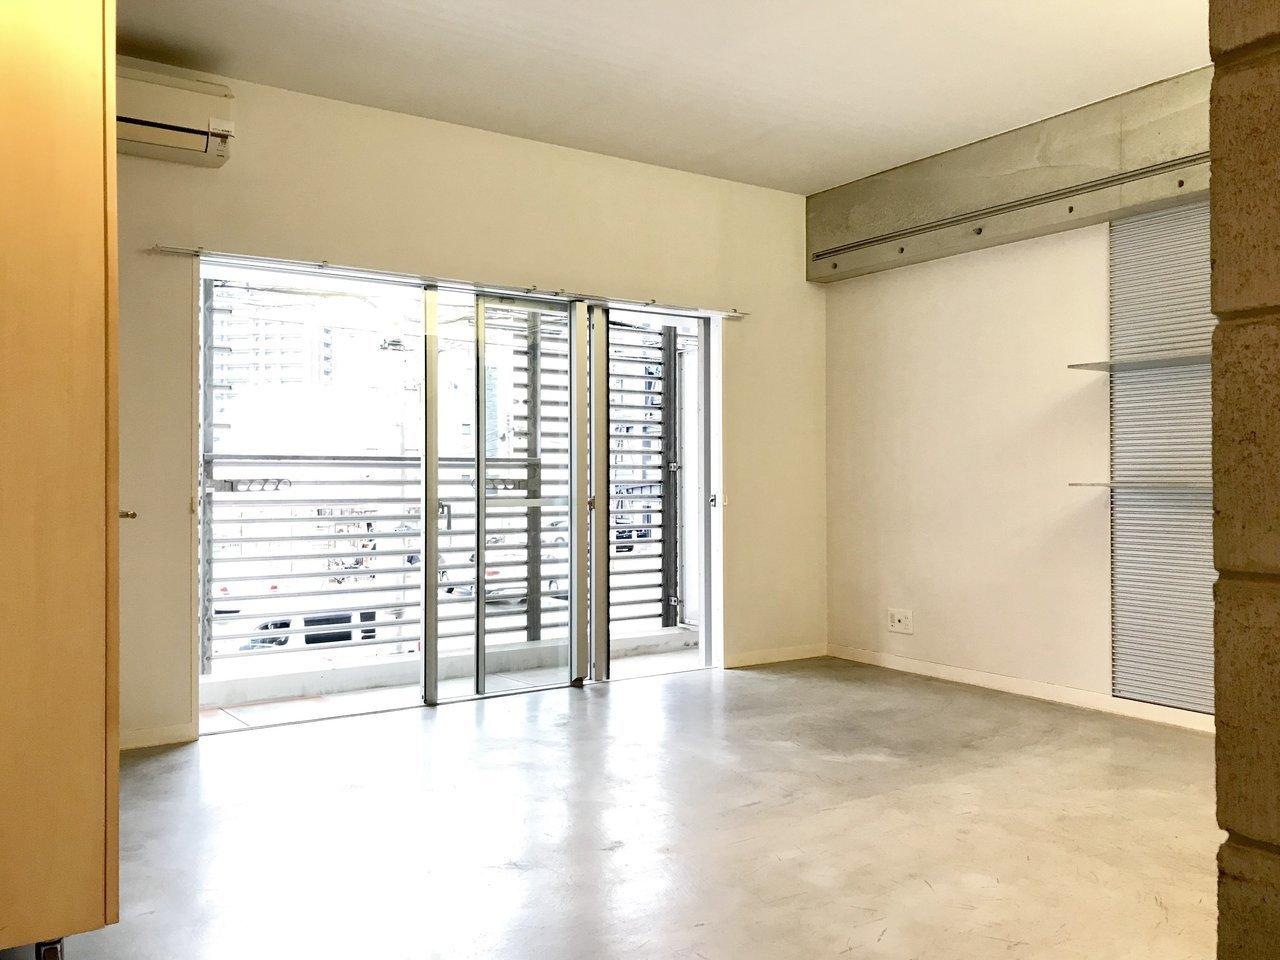 30㎡超えのワンルームはご覧の通り、遮るものがなく広々。グレーの床もクールなインテリアが合わせやすそうですね。